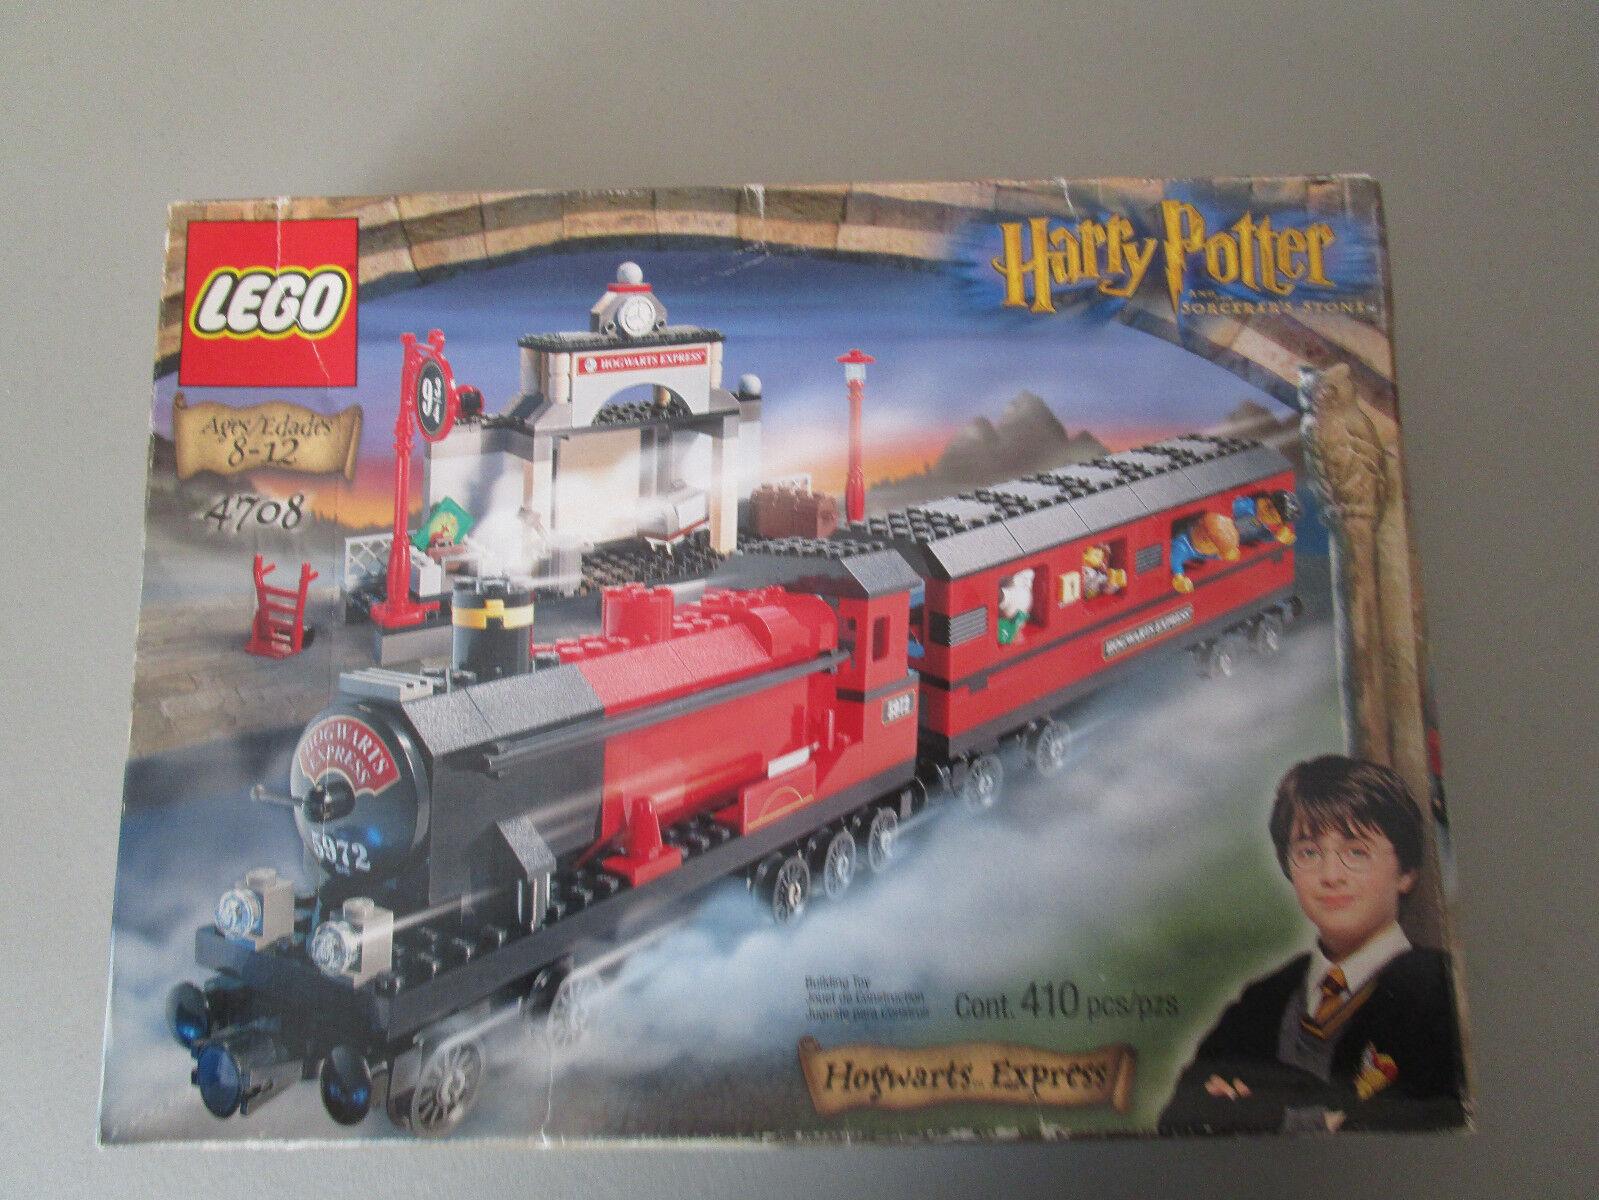 Lego Harry Potter 4708 Hogwarts tren expreso completo en una caja de sello de fábrica